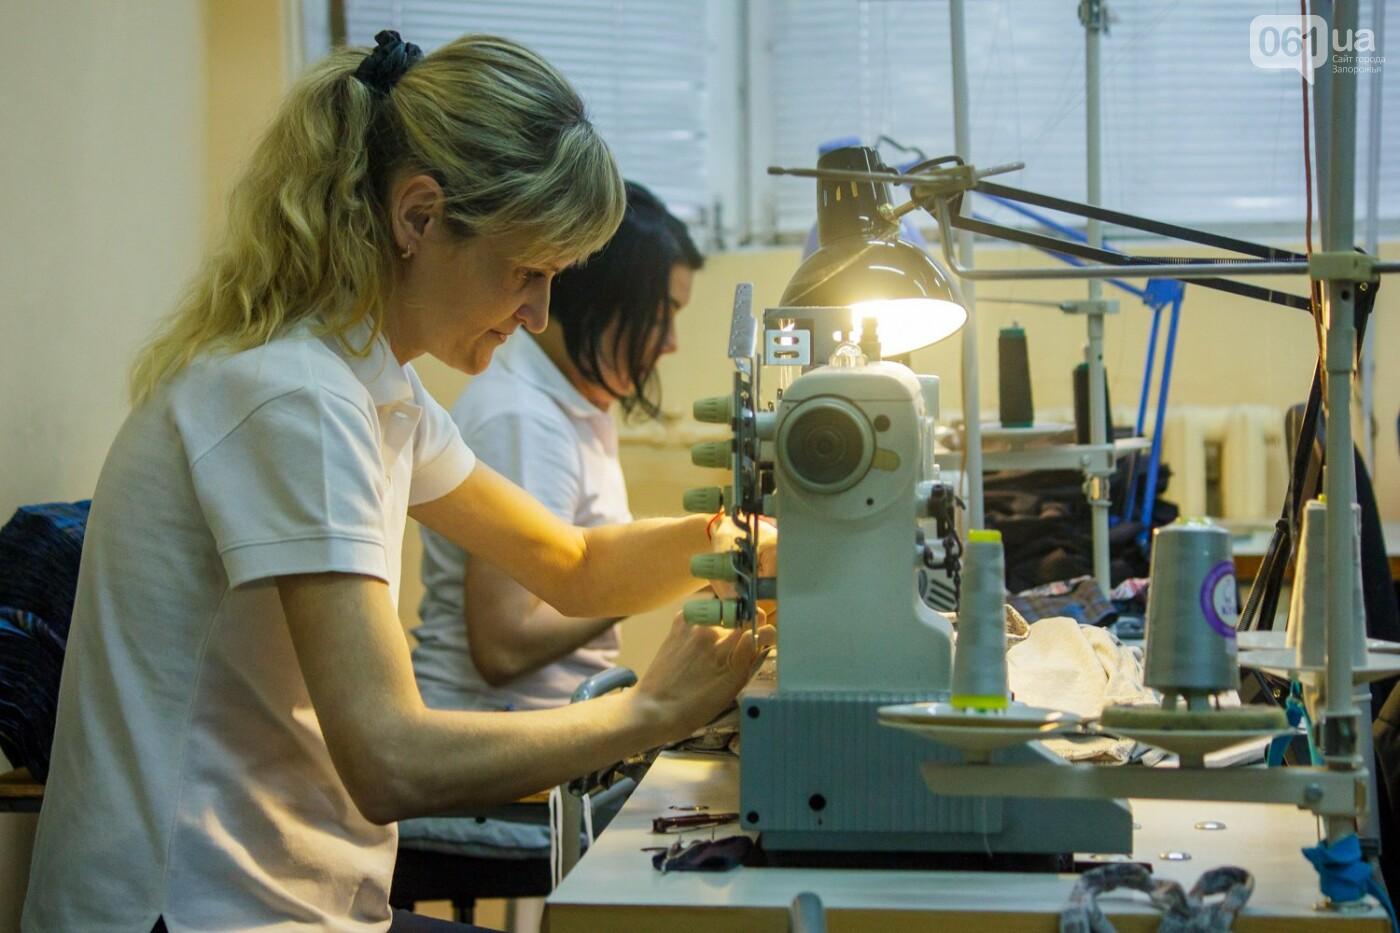 Как в Запорожье шьют мужское белье: экскурсия на трикотажную фабрику, – ФОТОРЕПОРТАЖ, фото-29